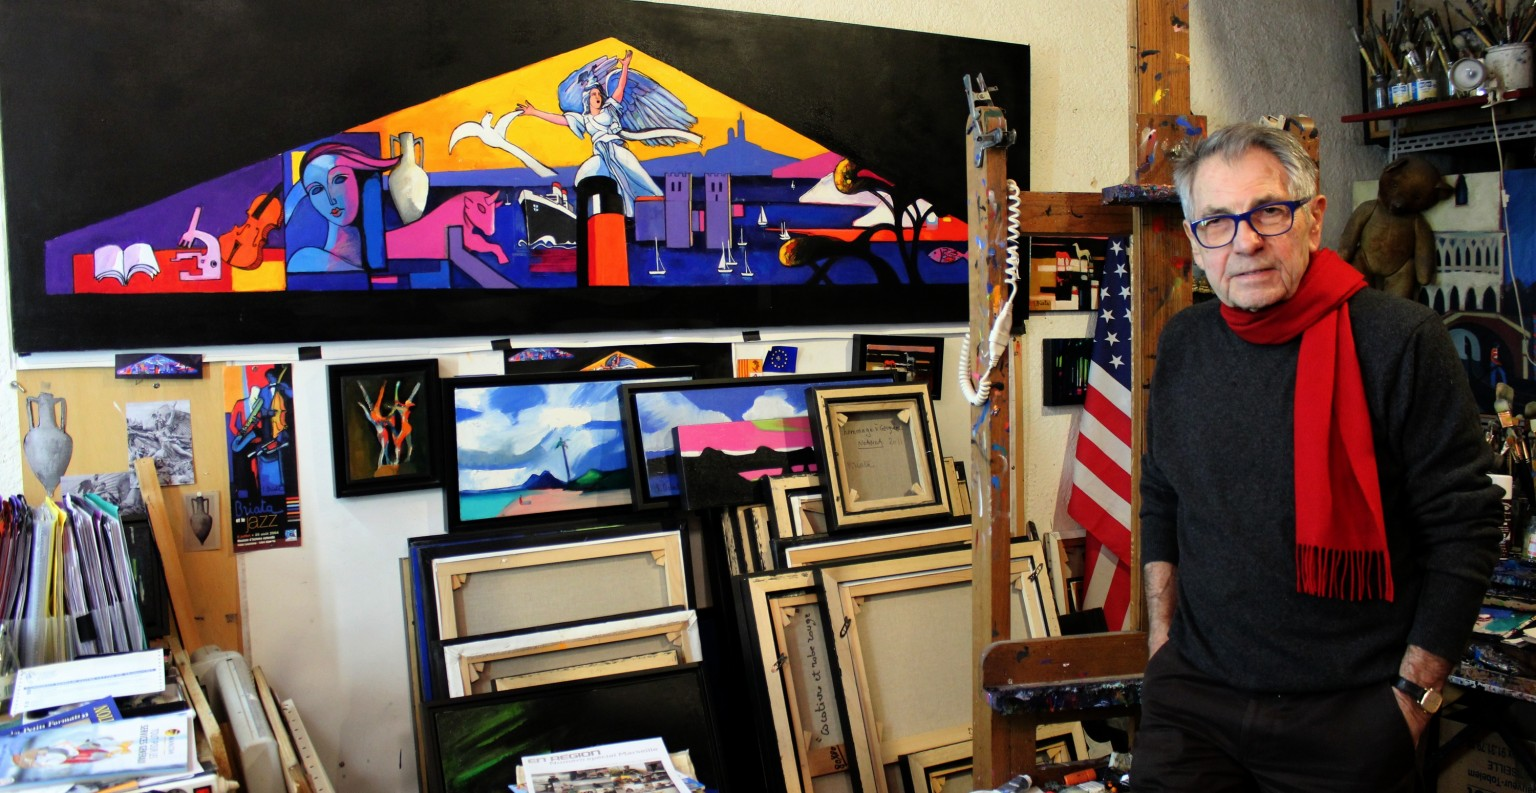 Georges Briata dans son atelier à Marseille. ©AlexandraLopis